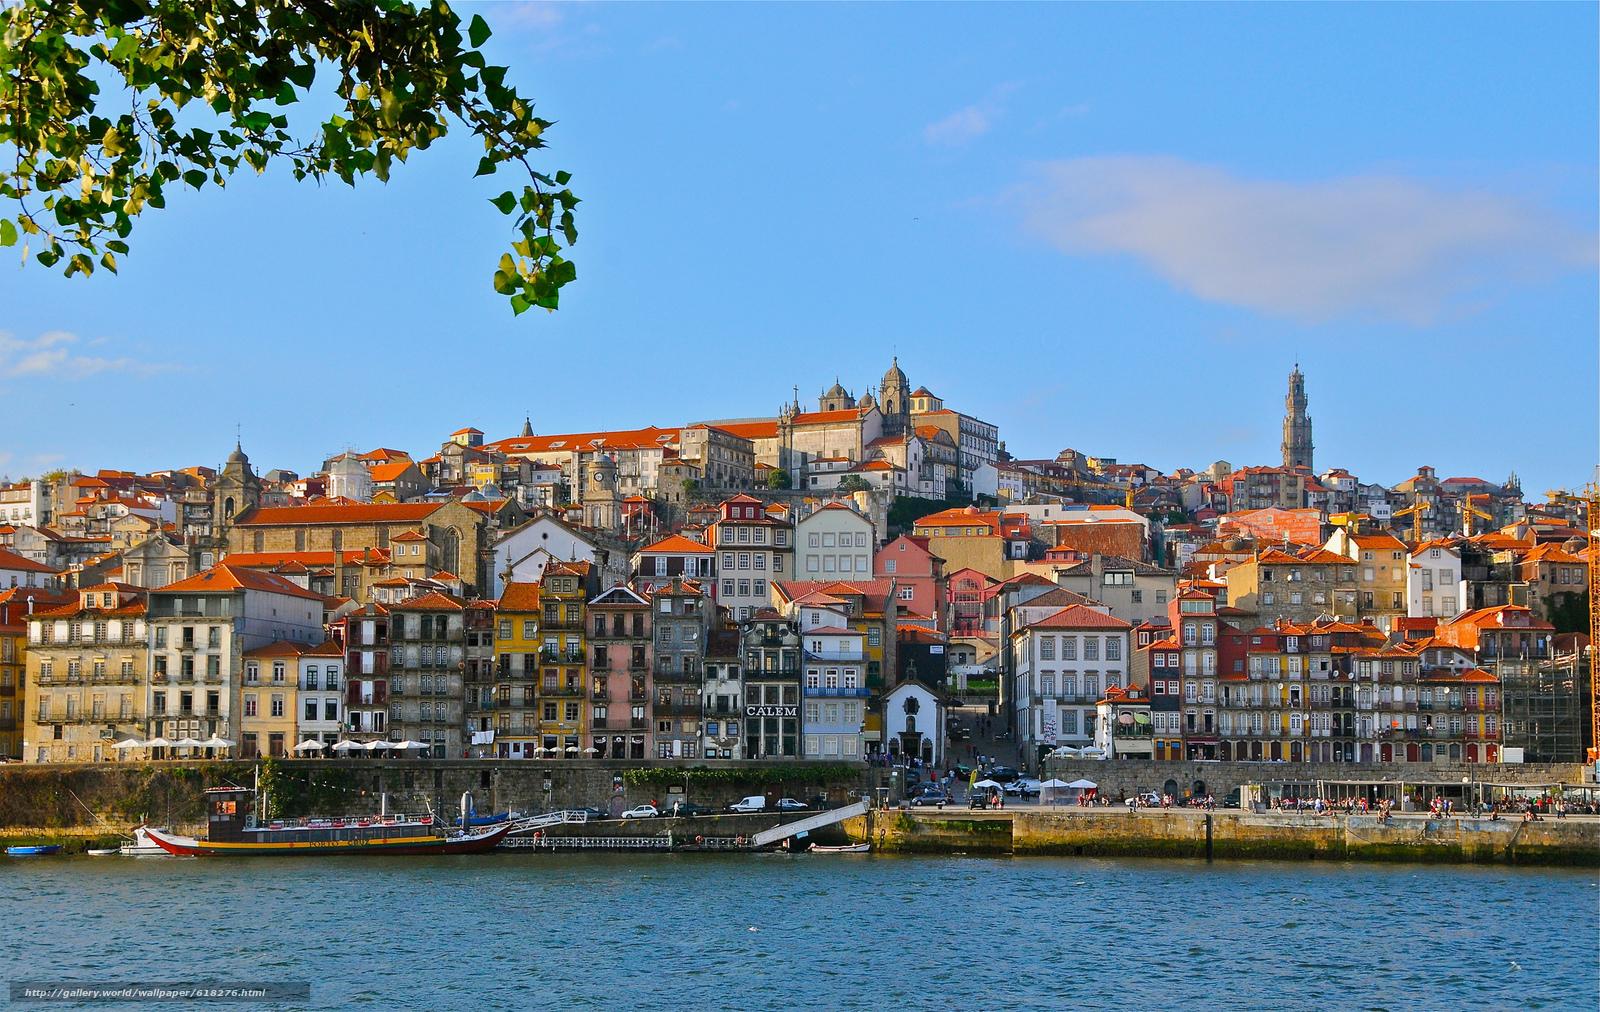 Tlcharger fond d 39 ecran vila nova de gaia porto portugal for Fond ecran portugal